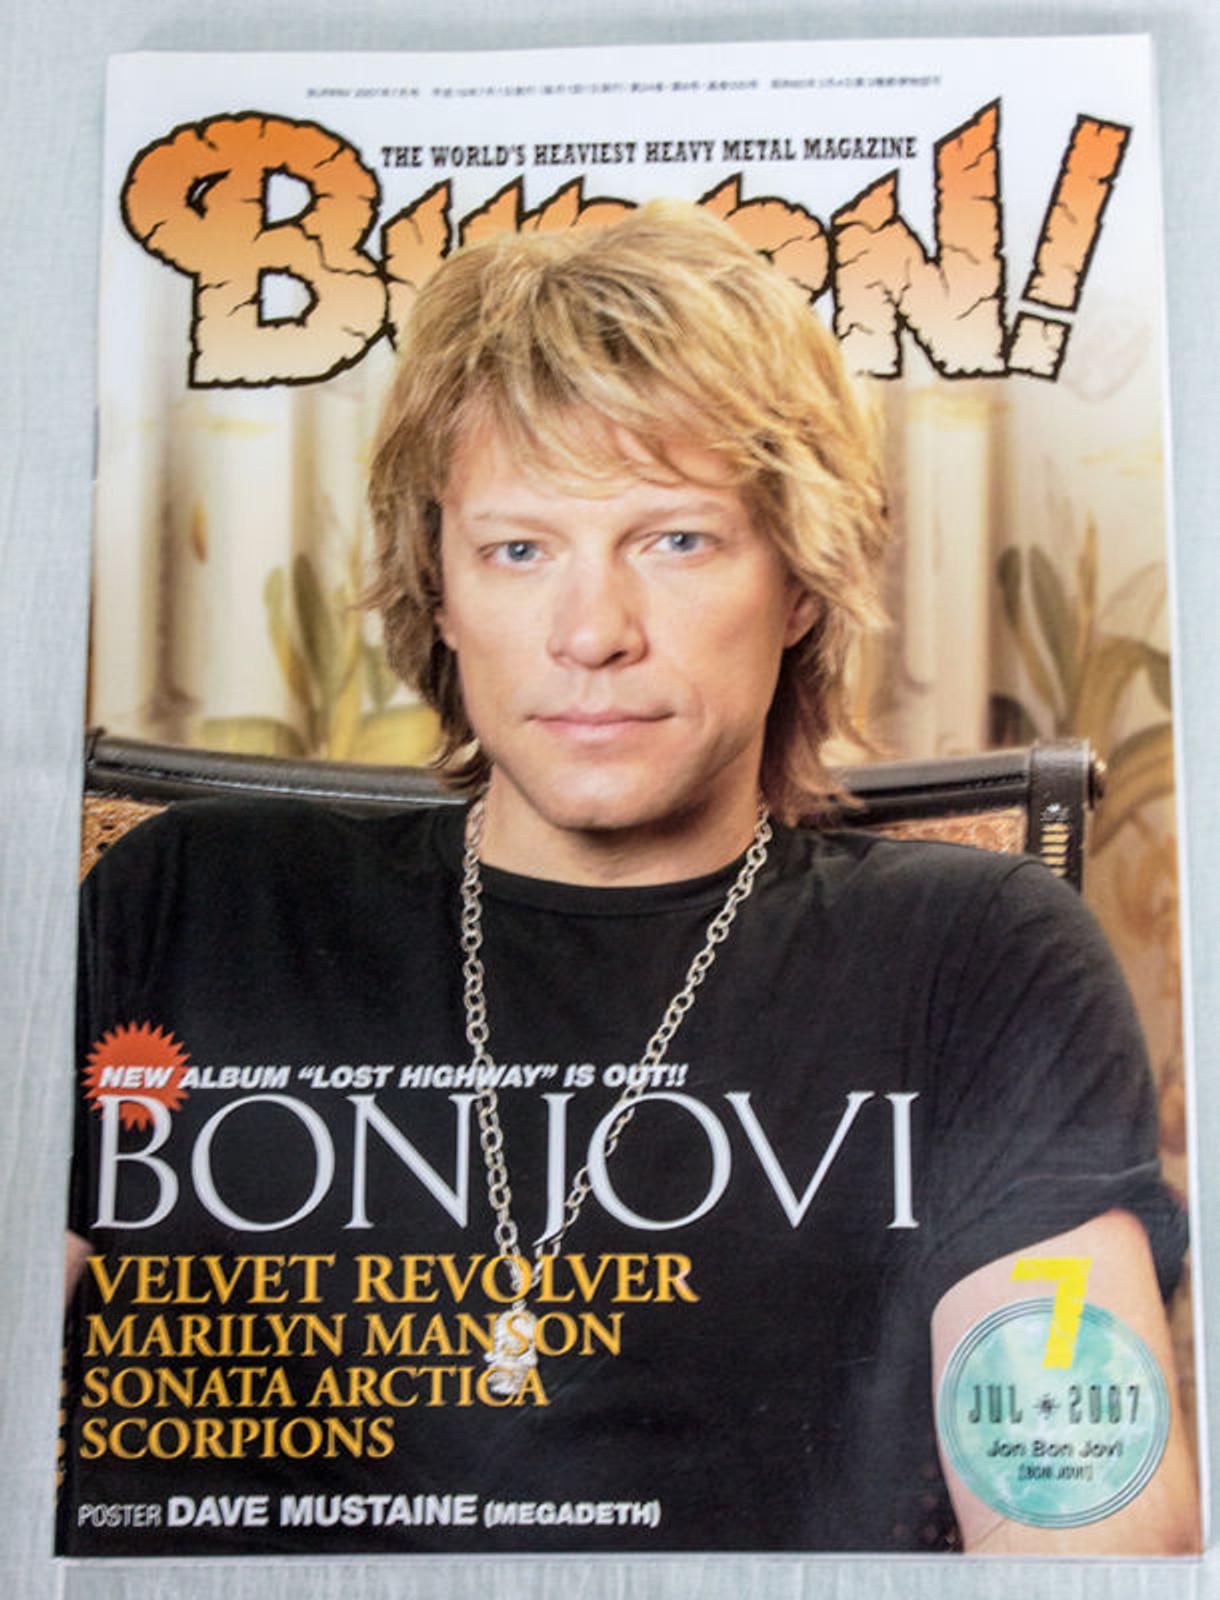 2007/07 BURRN! Japan Magazine BON JOVI/VELVET REVOLVER/MARILYN MANSON/GOTTHARD